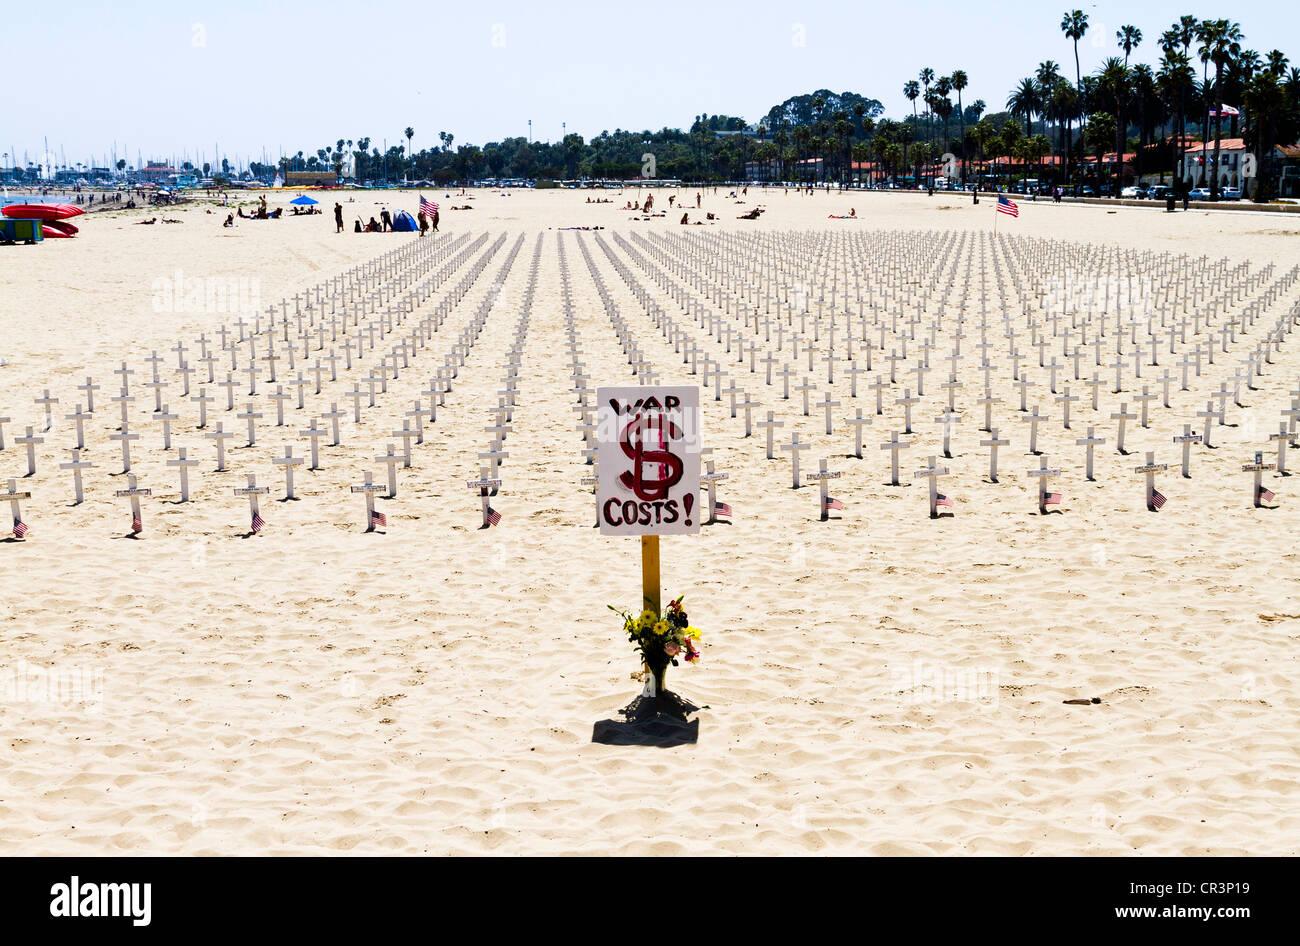 'Arlington West' memorial in 'Santa Barbara' California - Stock Image